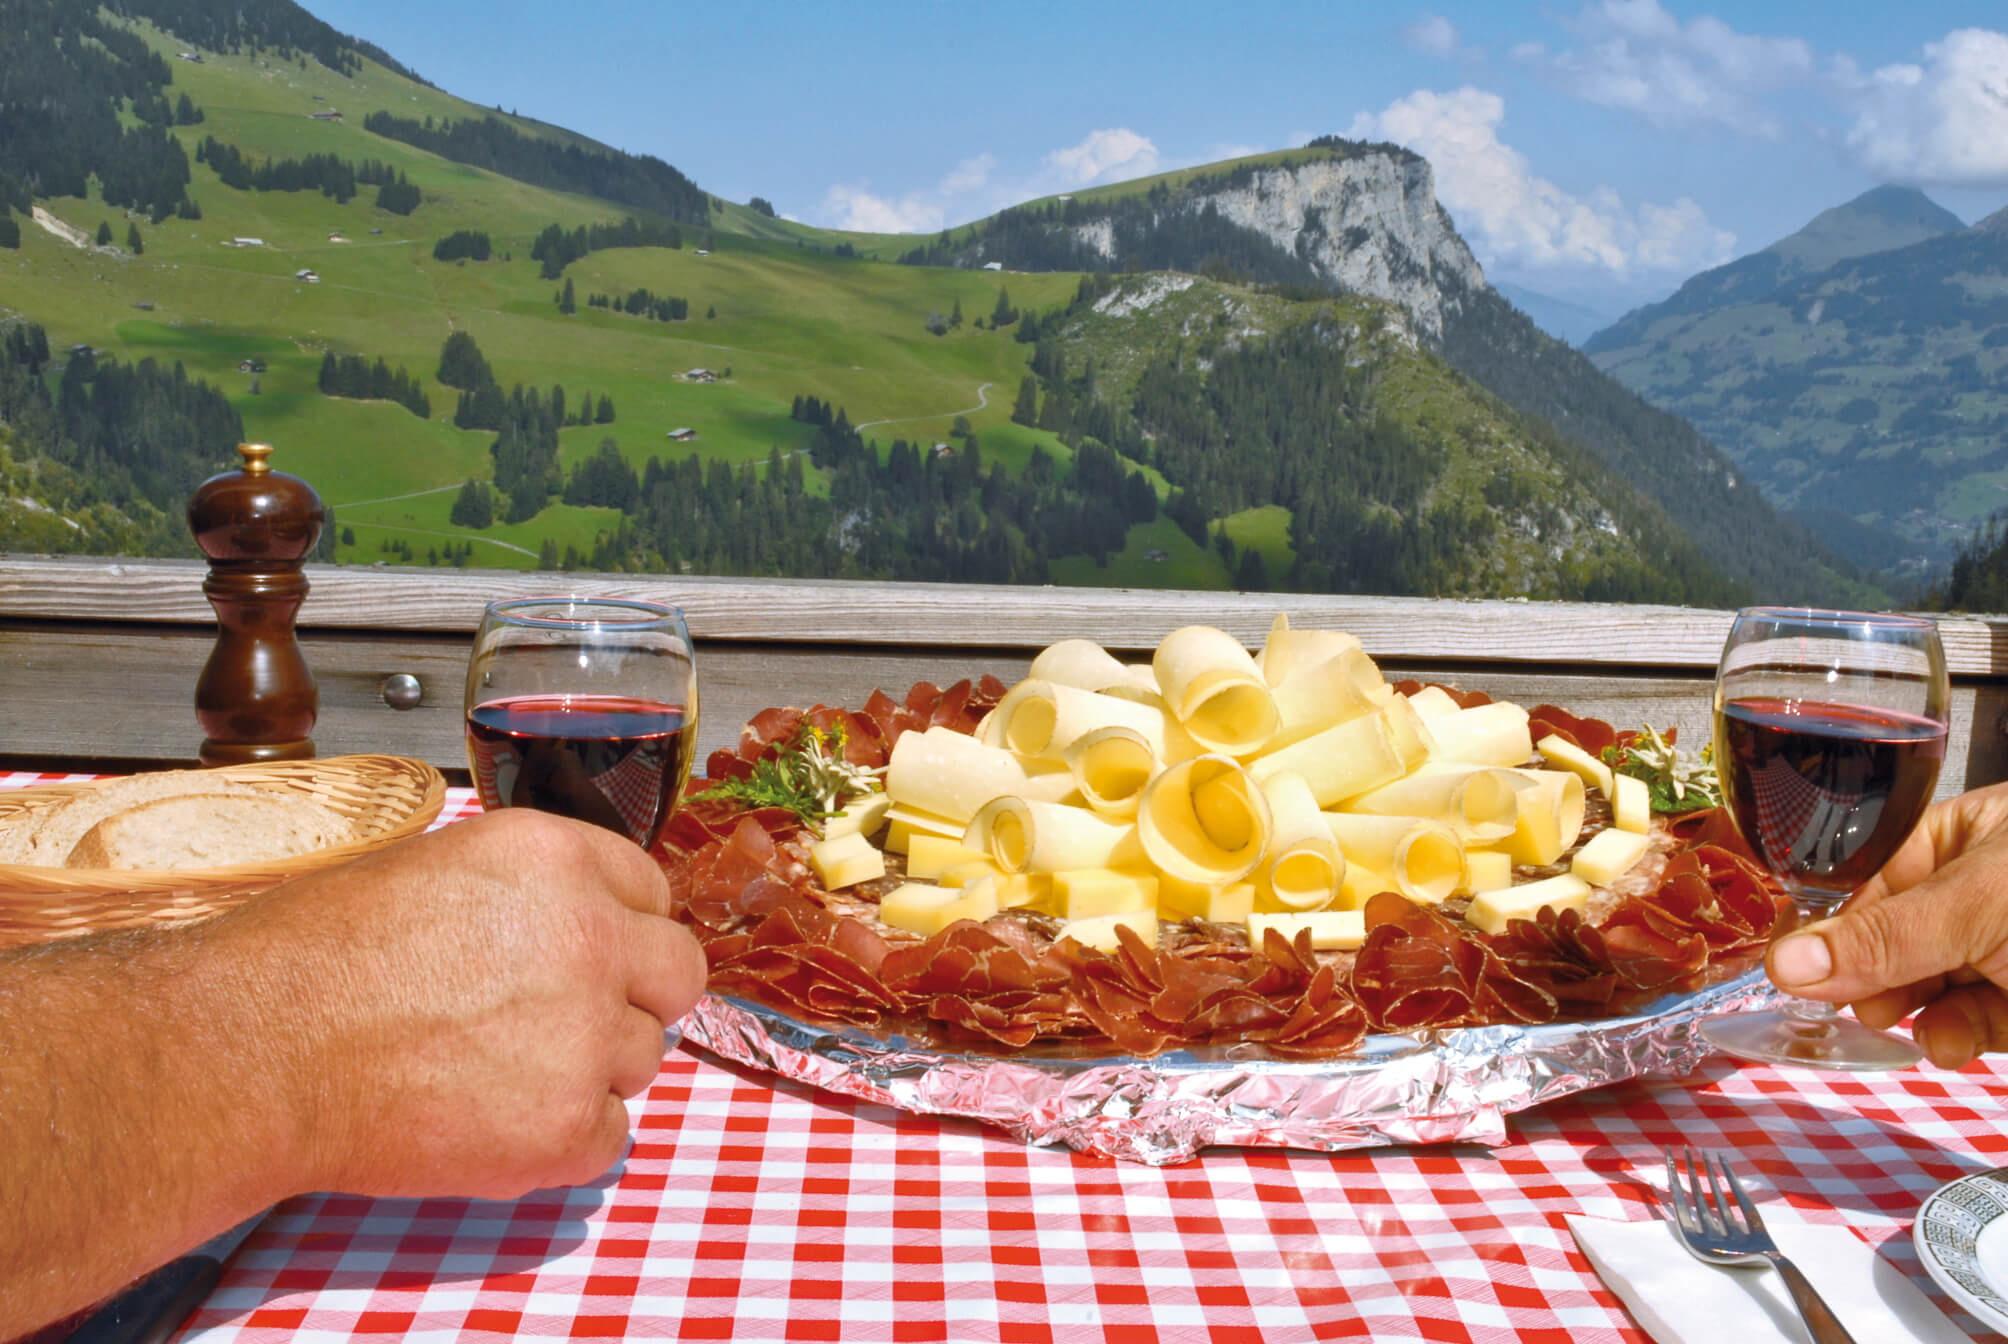 Plättli mit Produkten von der Alp